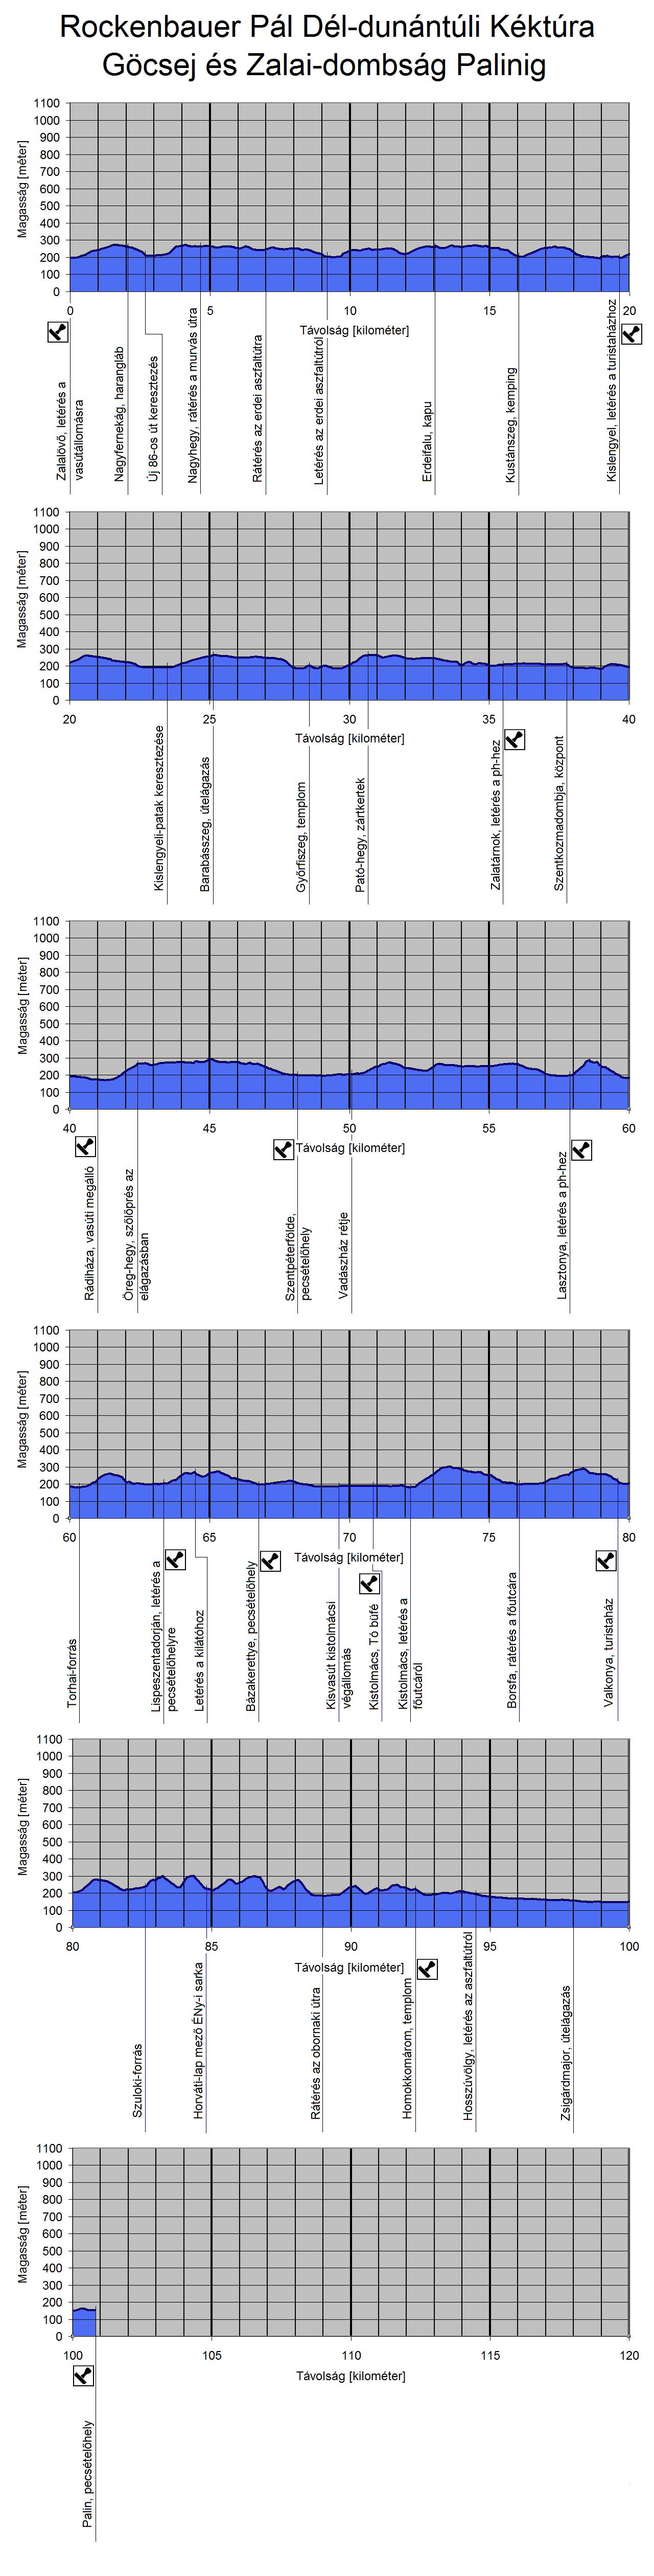 A Rockenbauer Pál Dél-dunántúli Kéktúra útvonalának szintmetszete a Göcsejben és a Zalai-dombságon